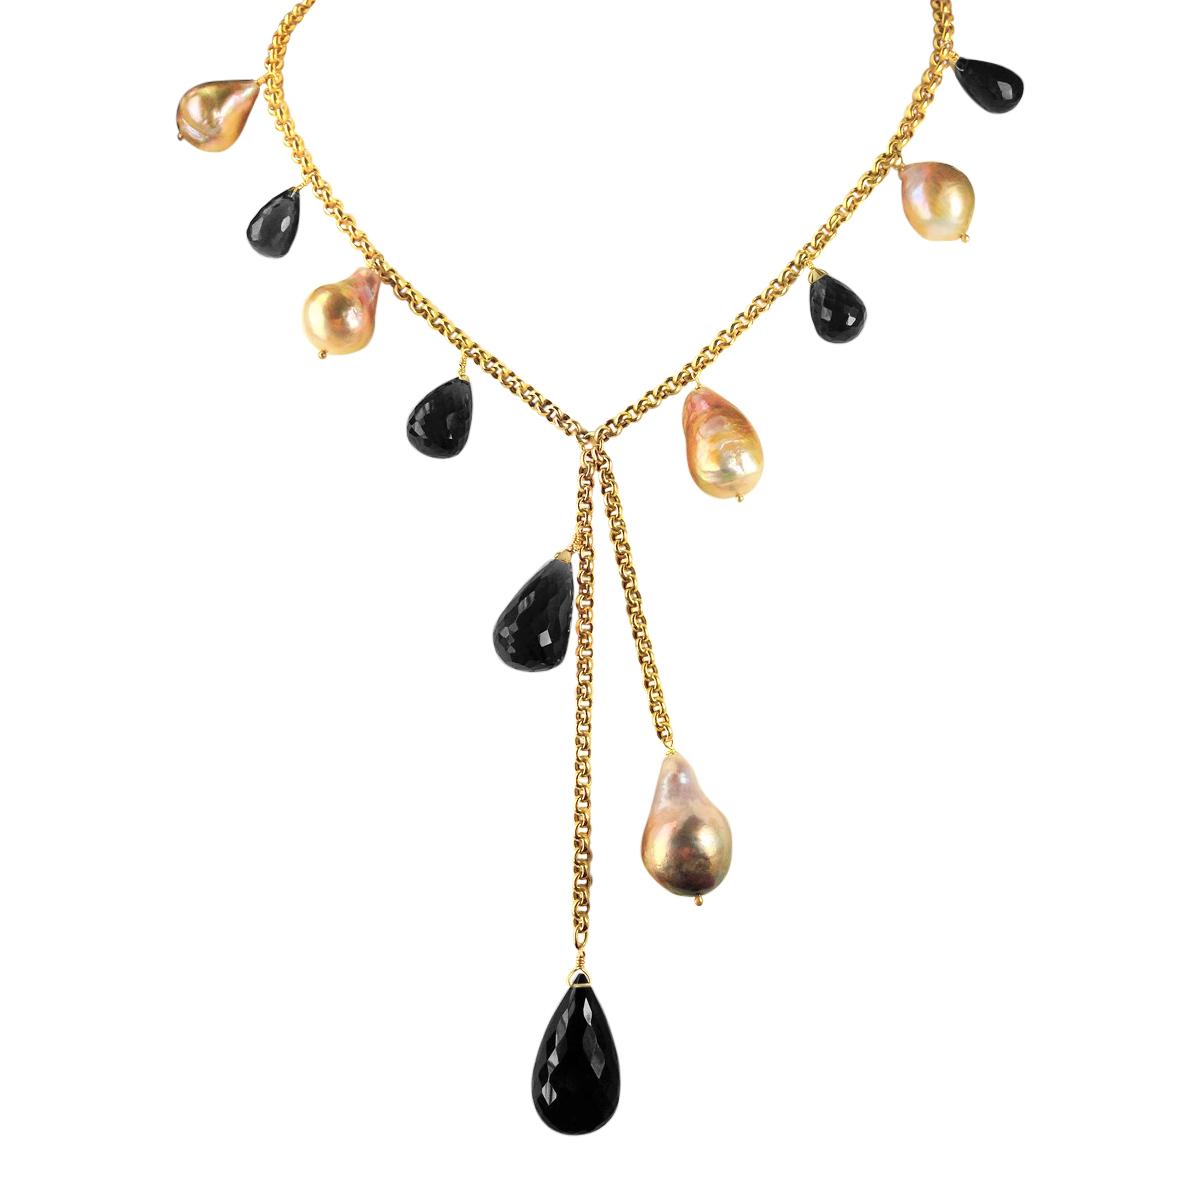 River pearl and smoky quartz Y necklace